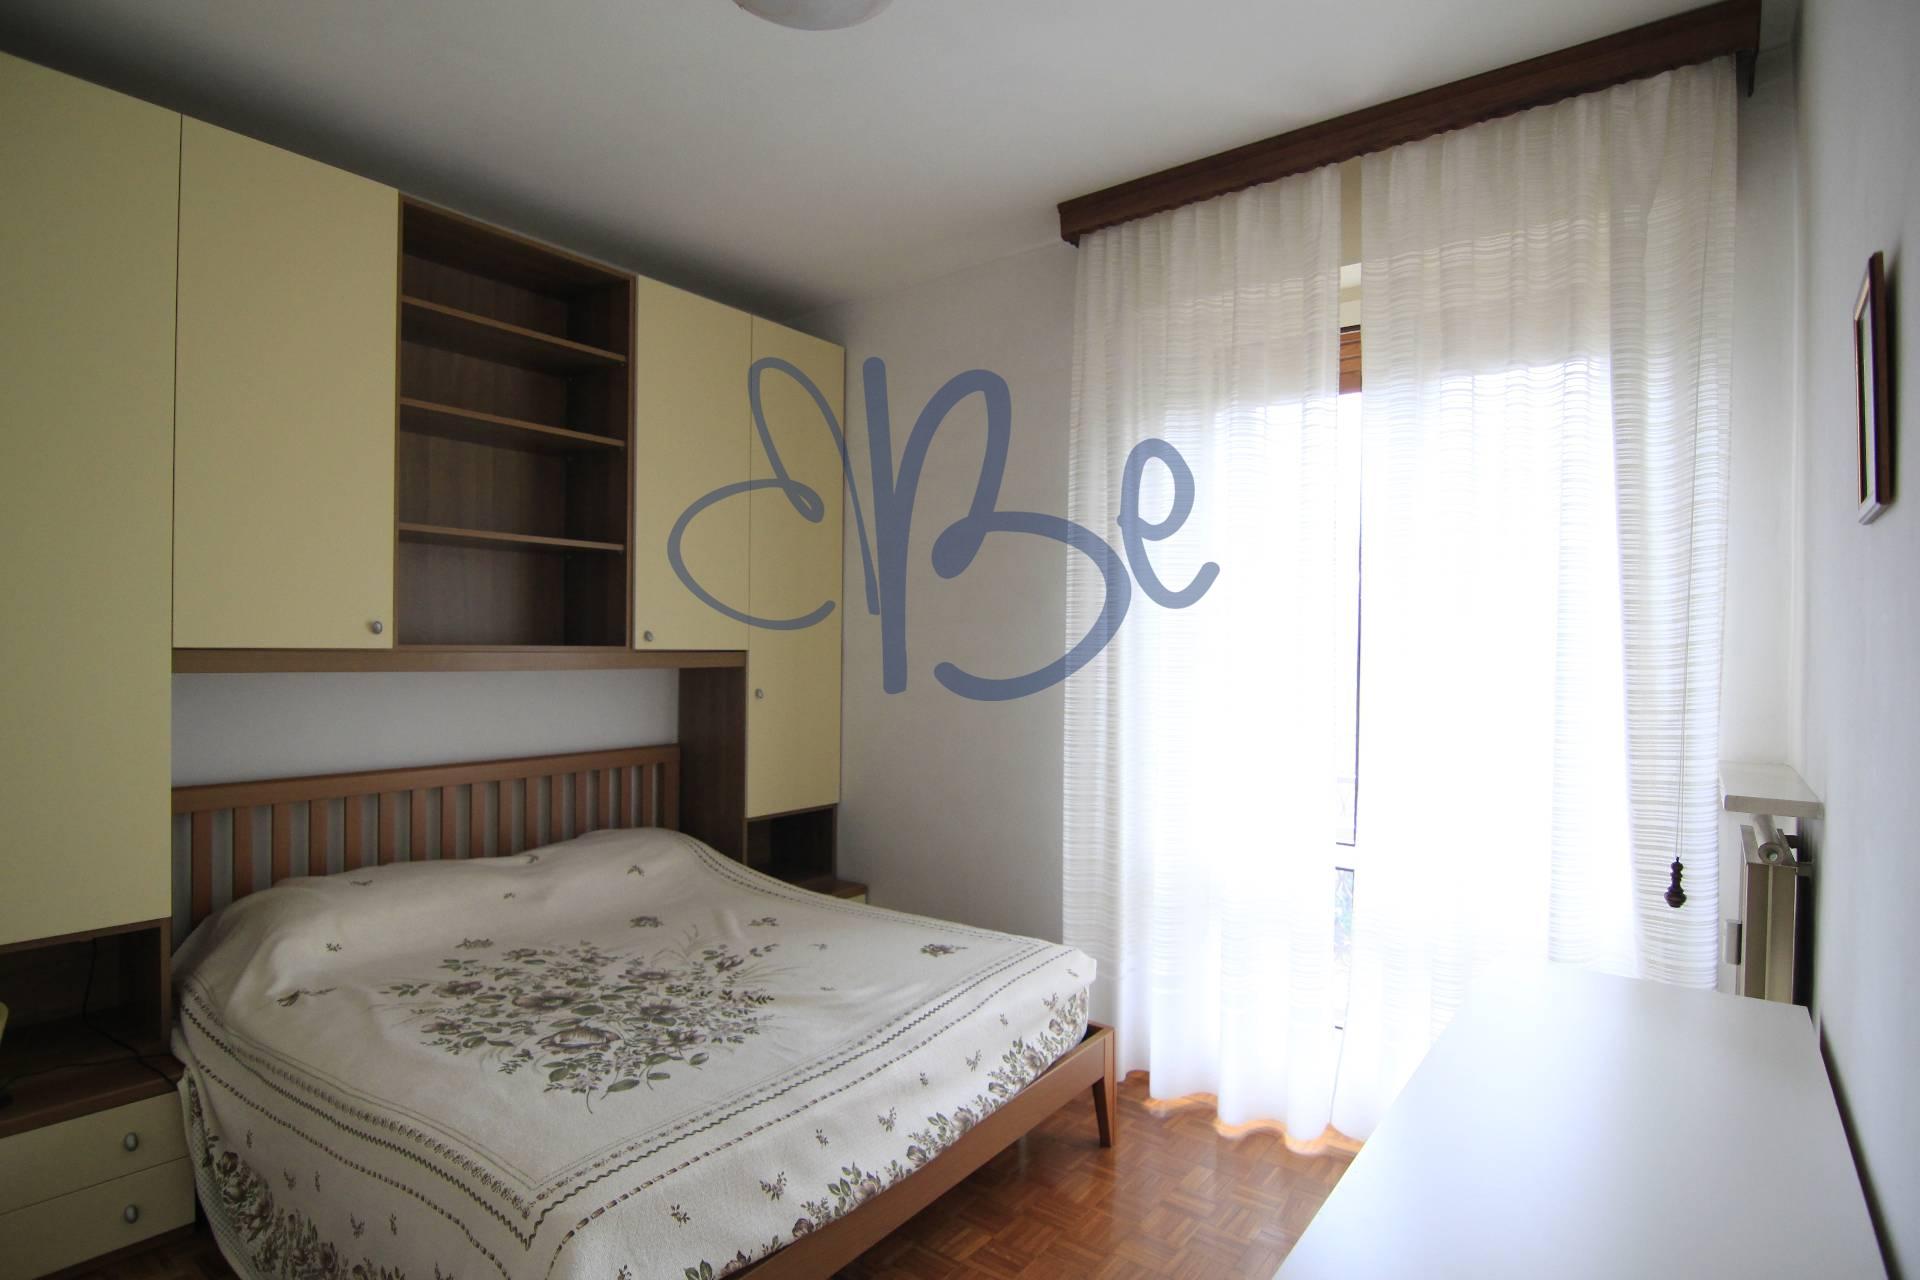 Appartamento in affitto a Toscolano-Maderno, 2 locali, zona Zona: Maderno, prezzo € 500 | Cambio Casa.it